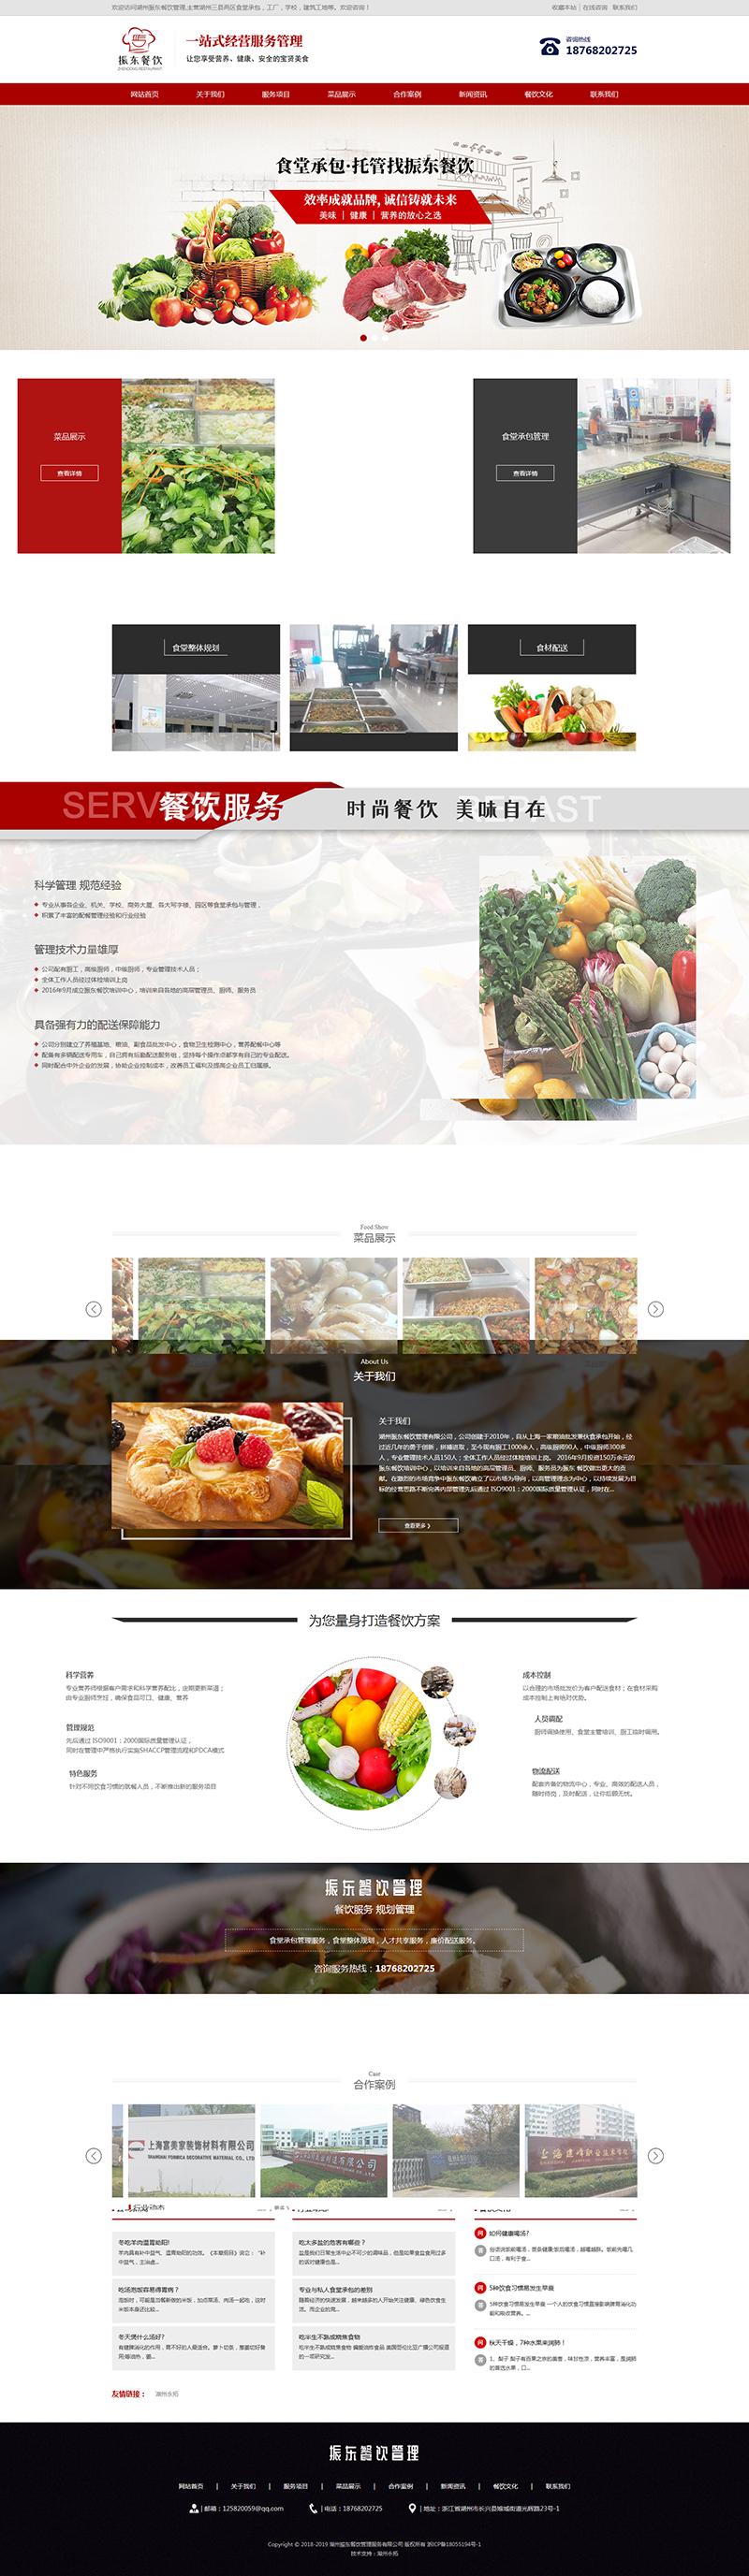 湖州振东餐饮管理有限公司